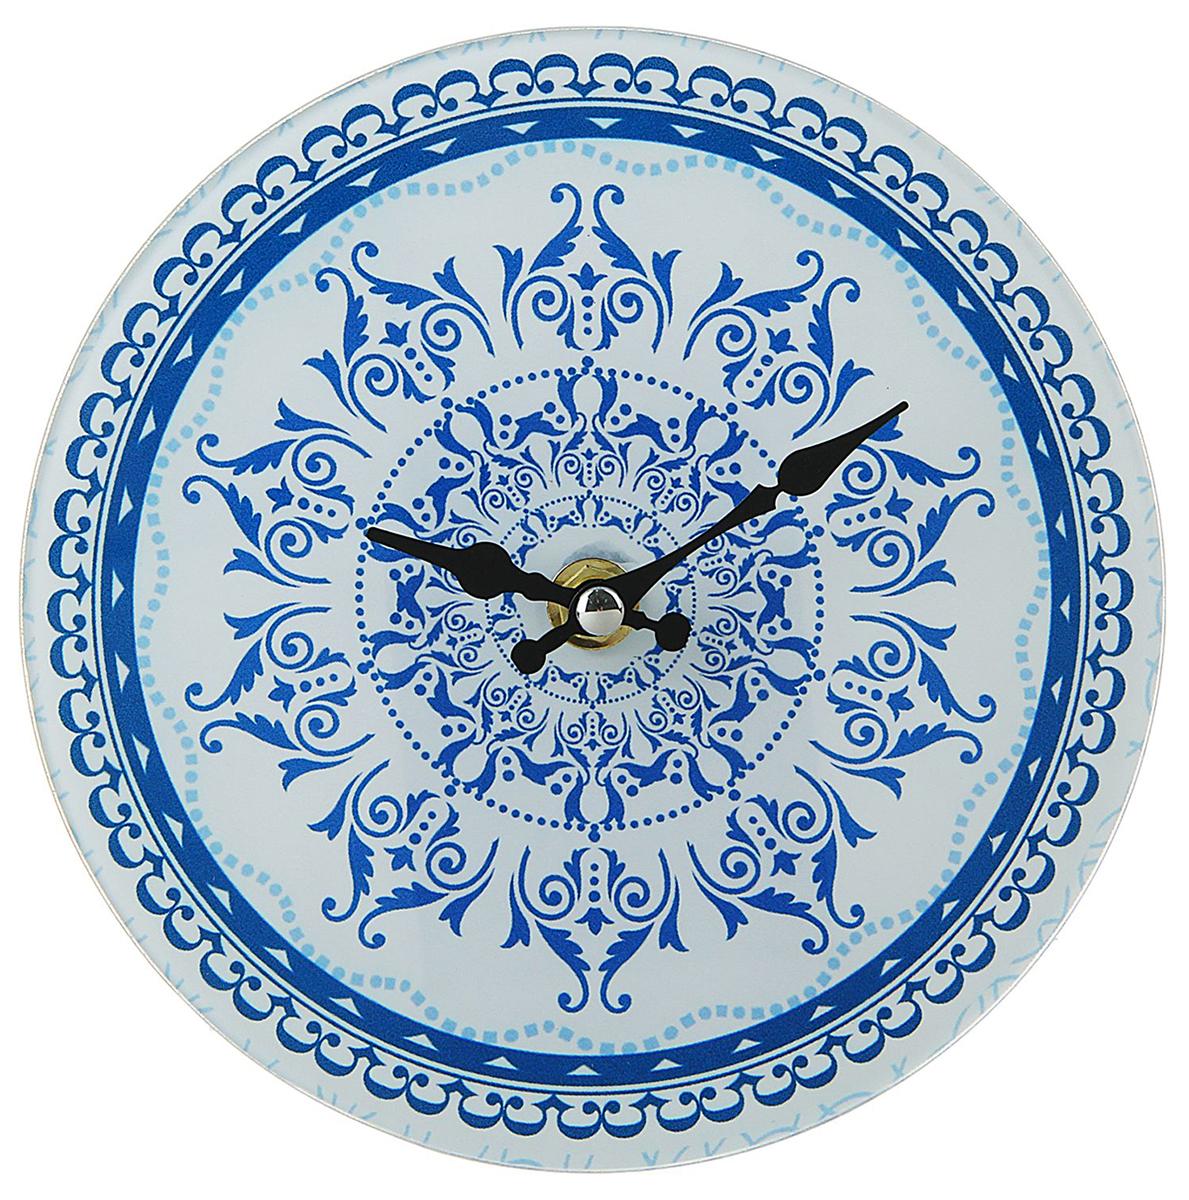 Часы настенные Есения. Морозный узор, с подставкой, диаметр 17 см хочу продать свою квартиру которая менее 3х лет и другую какие налоги надо заплатить